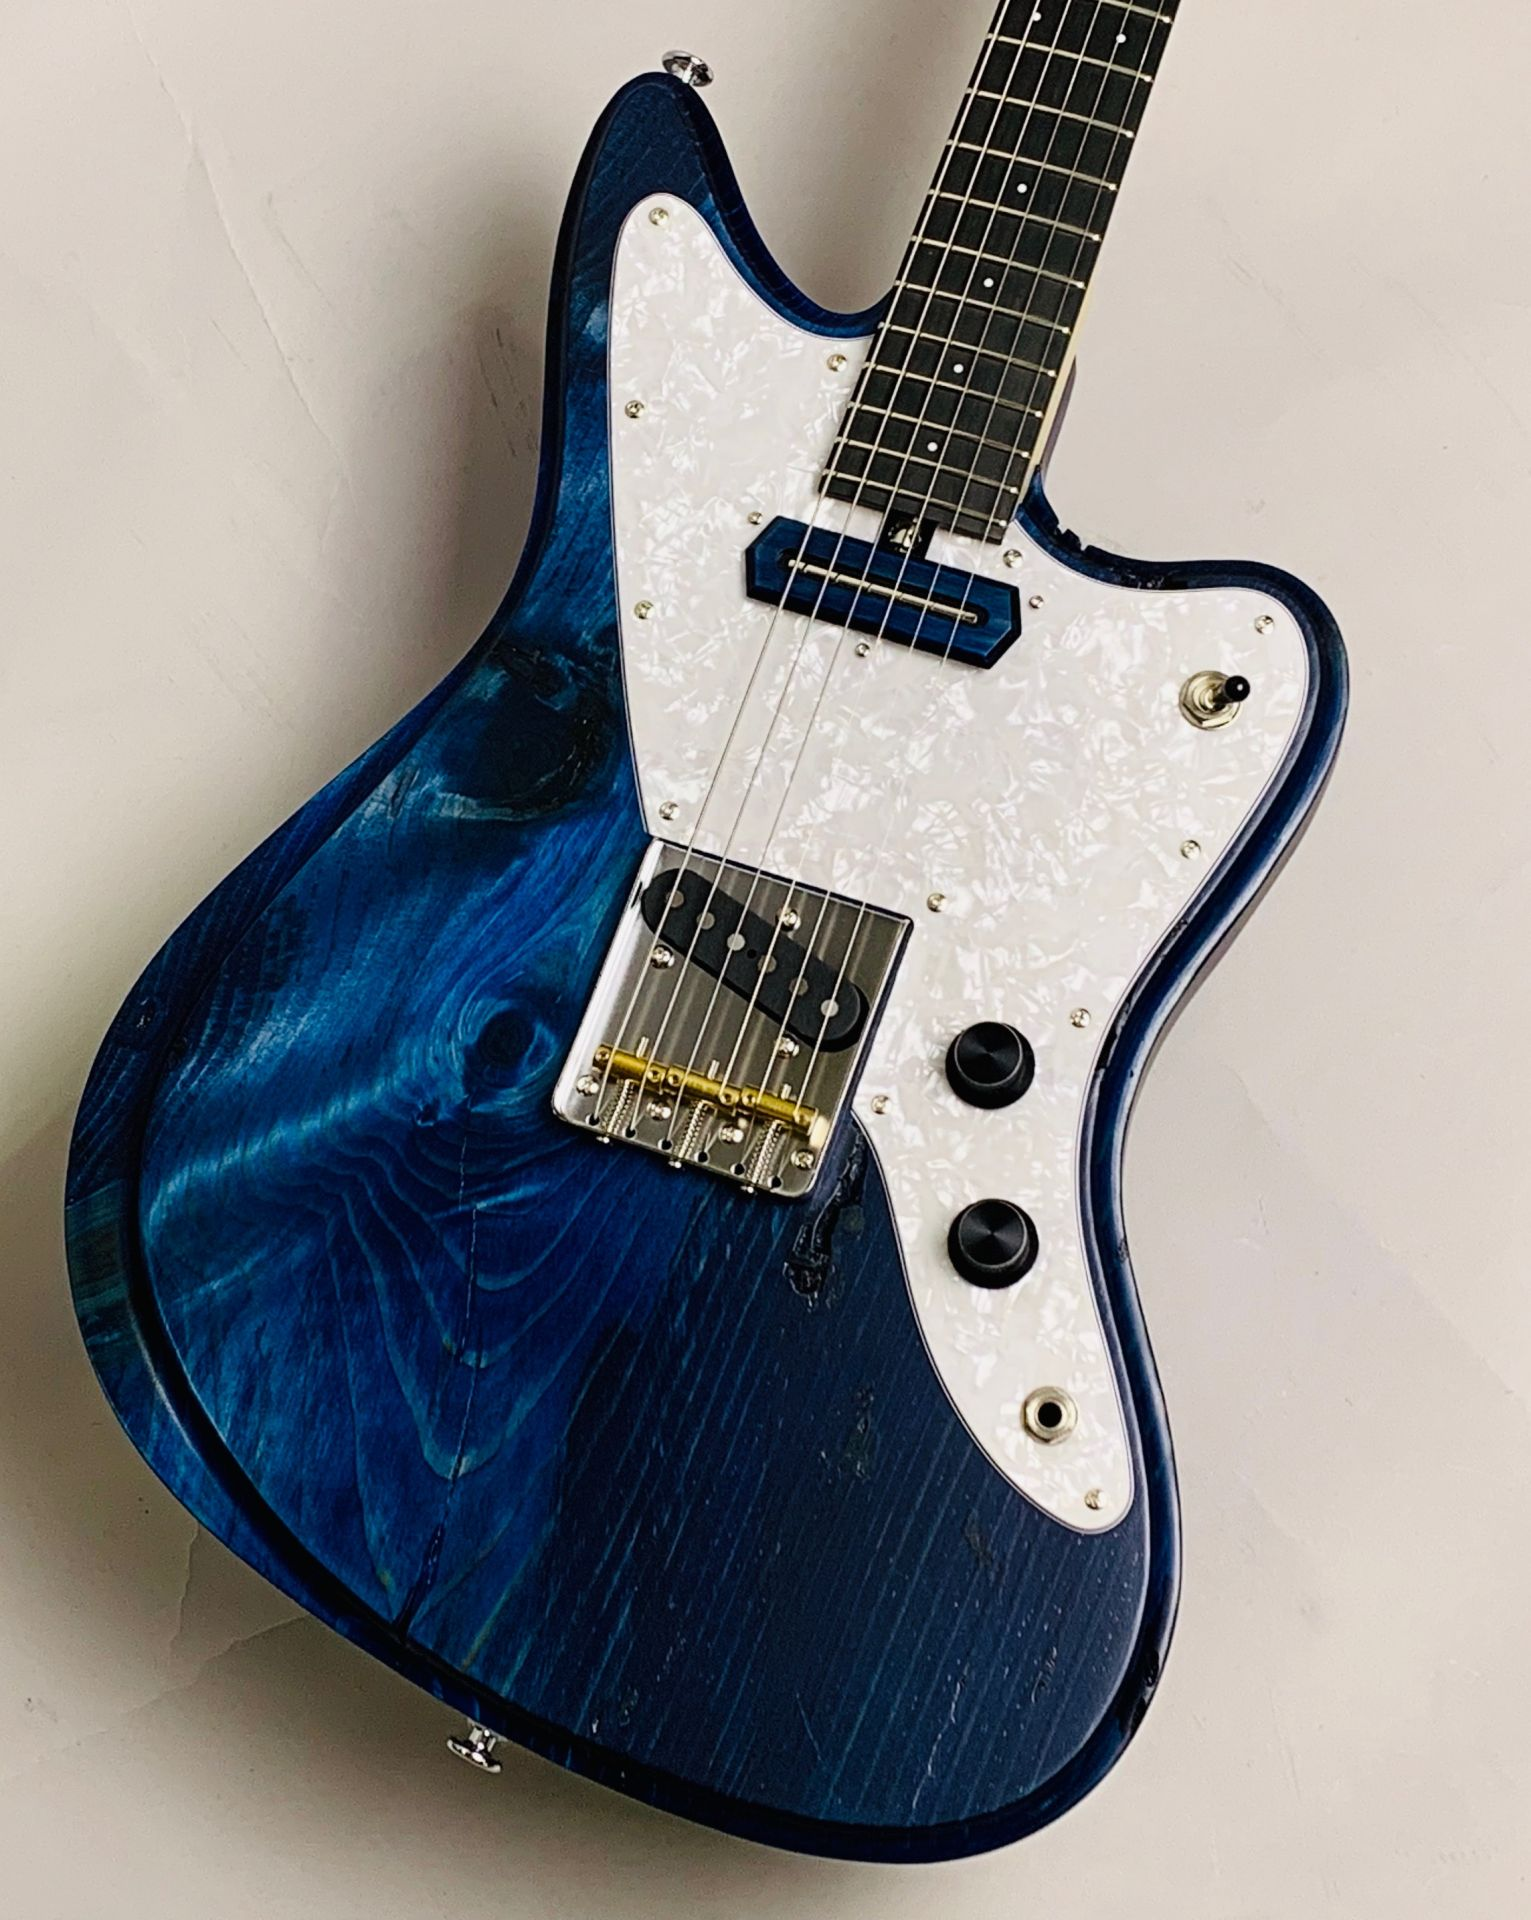 JRP/SB-I-MF'18 限定20本楽器フェアモデル 赤松ボディのボディトップ-アップ画像